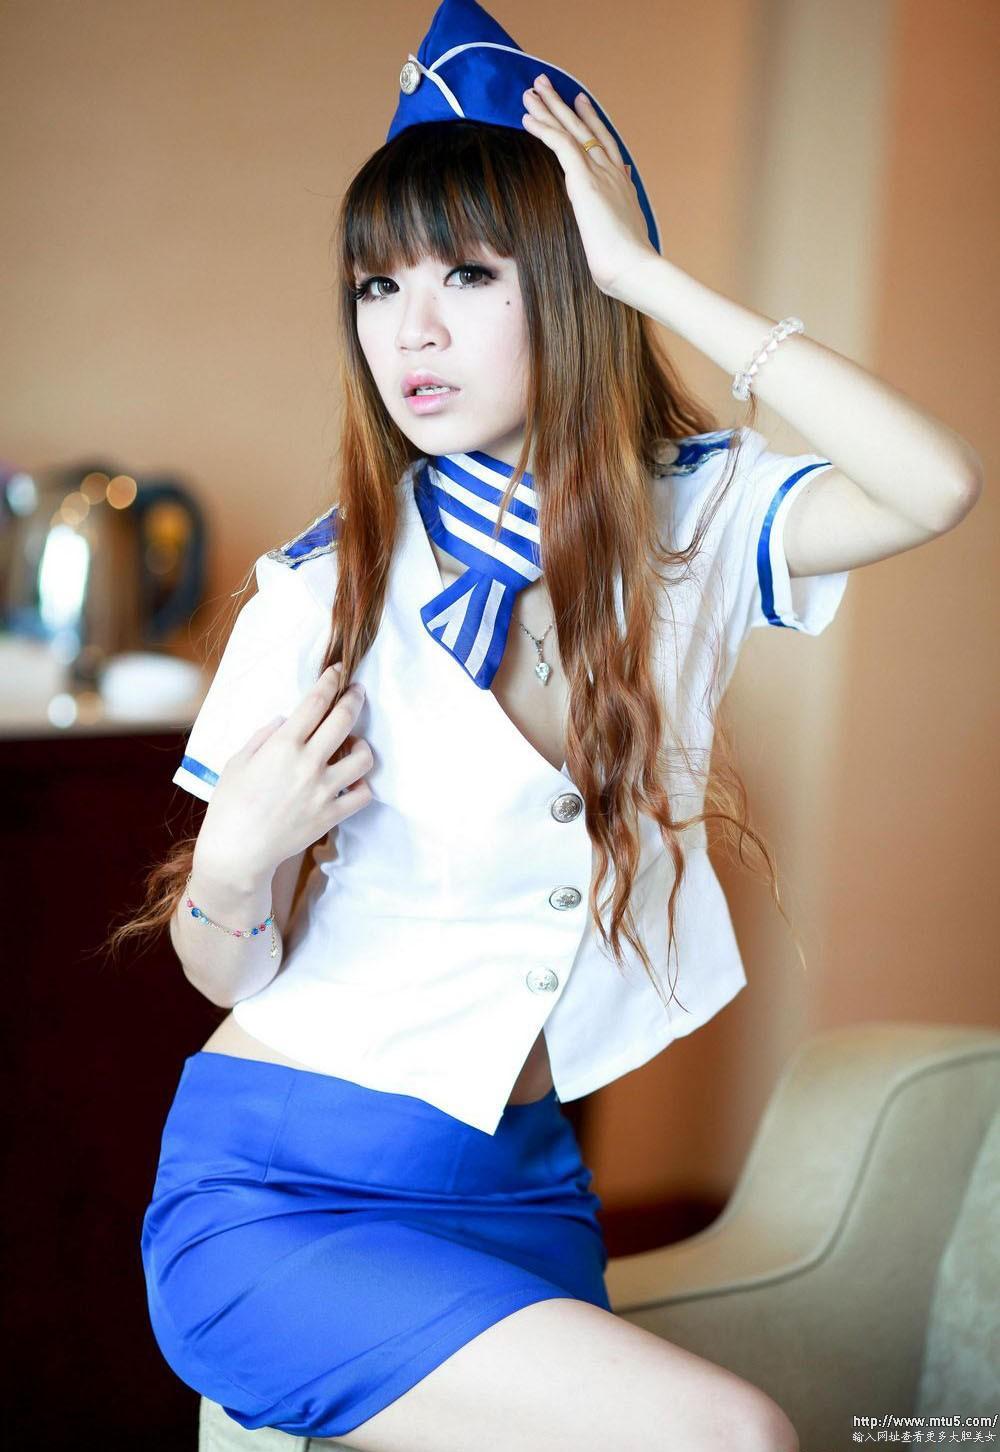 漂亮中国空姐制服美女超大胆�_大胆性感美女空姐制服诱惑妩媚撩人写真